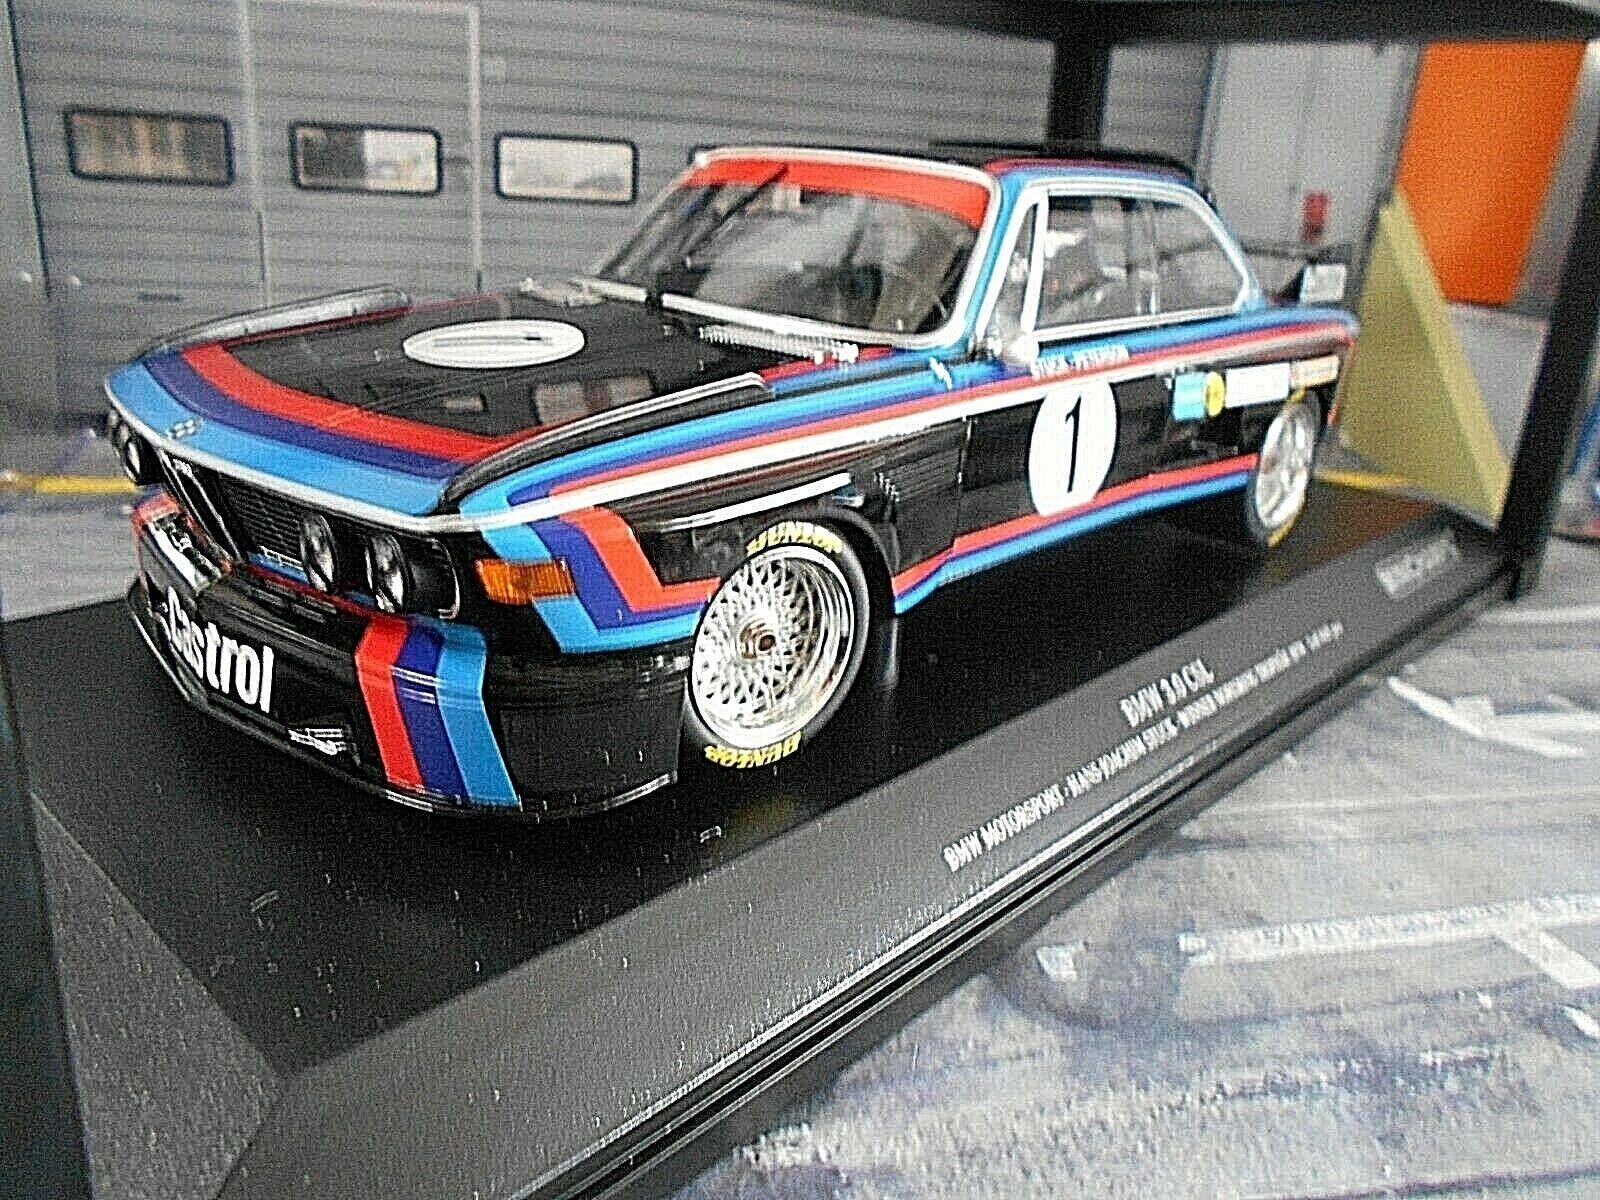 BMW 3.0 CSL NORISRING DRM 1974  1 stuc CASTROL Works Winner Nouveau MINICHAMPS 1 18